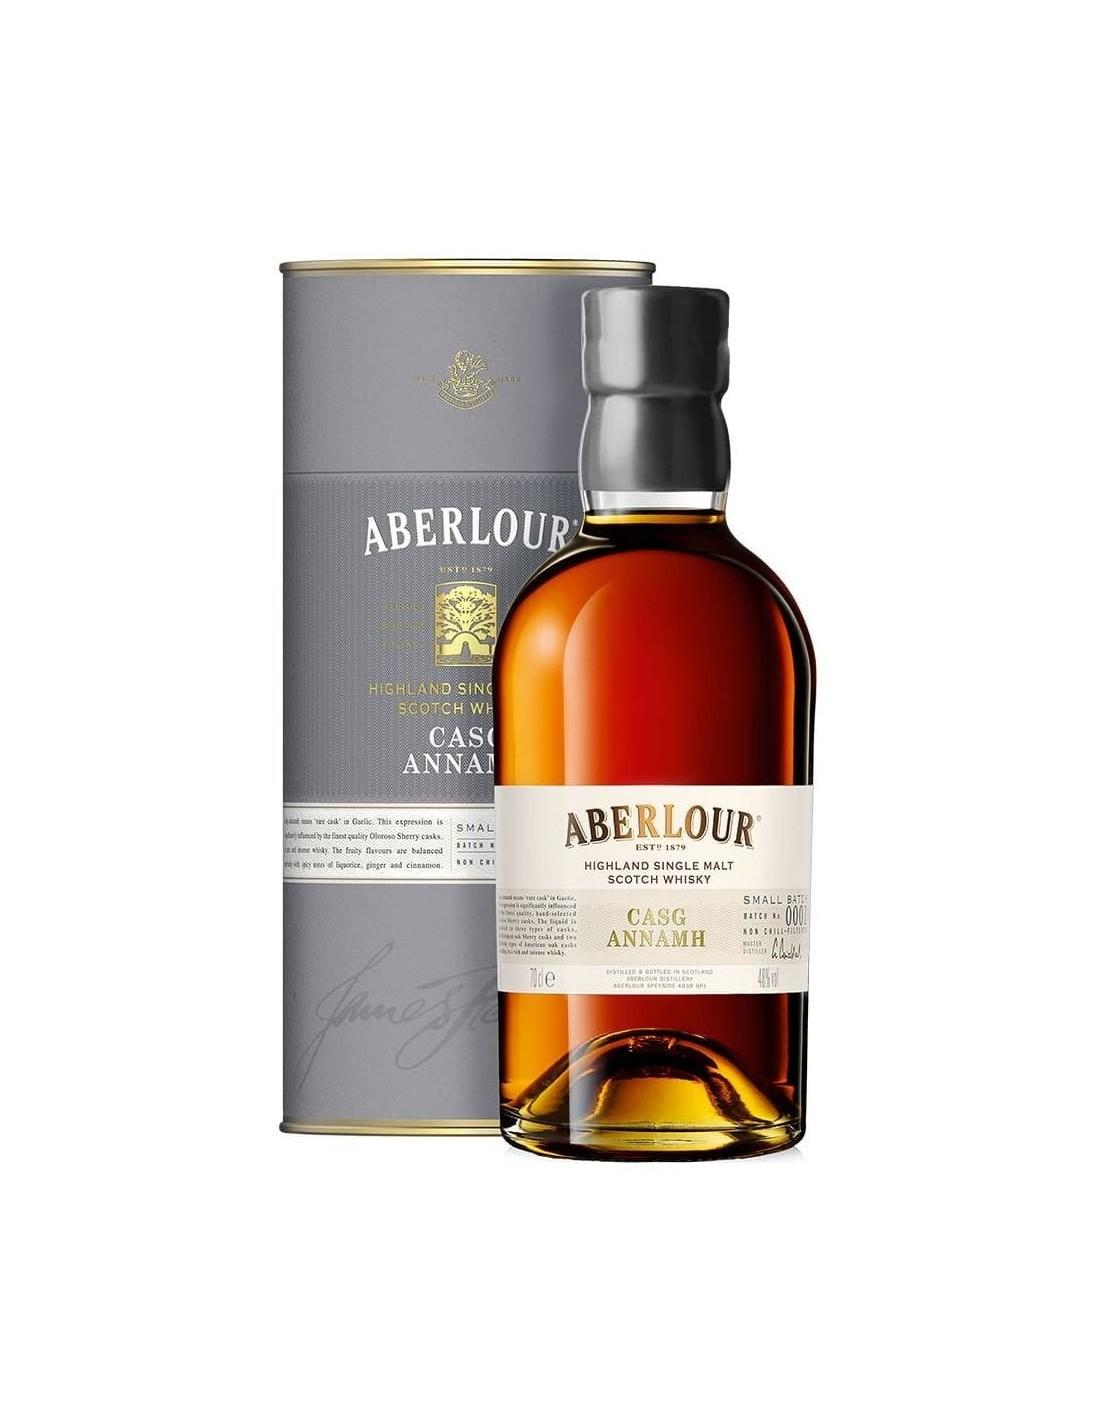 Whisky Aberlour Casg Annamh, 48% alc., 0.7L, Scotia